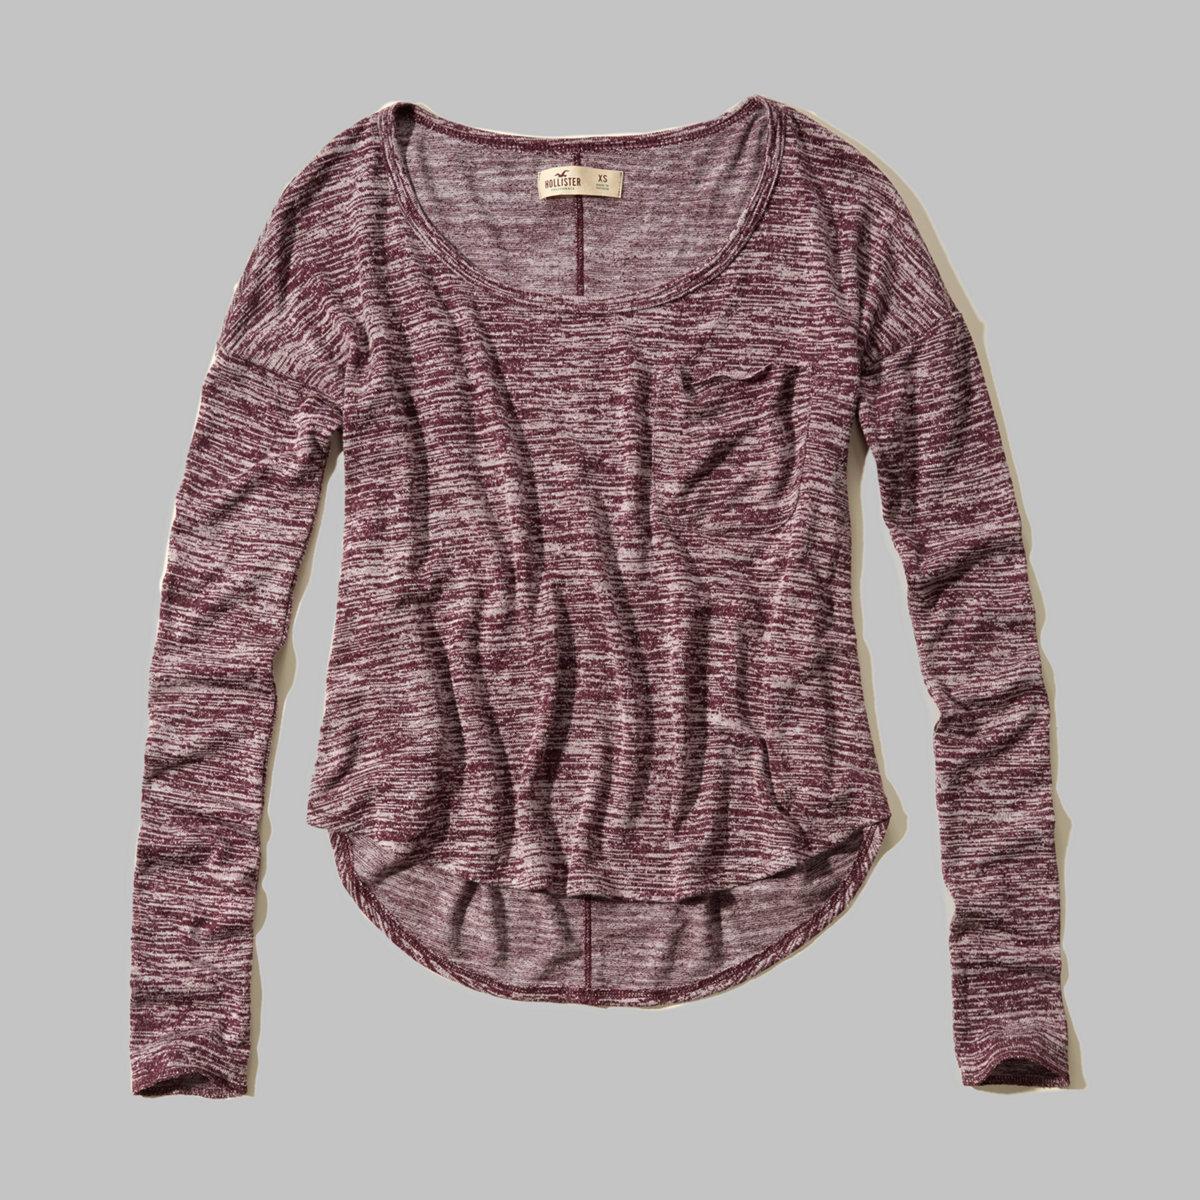 El Matador Drapey Knit T-Shirt